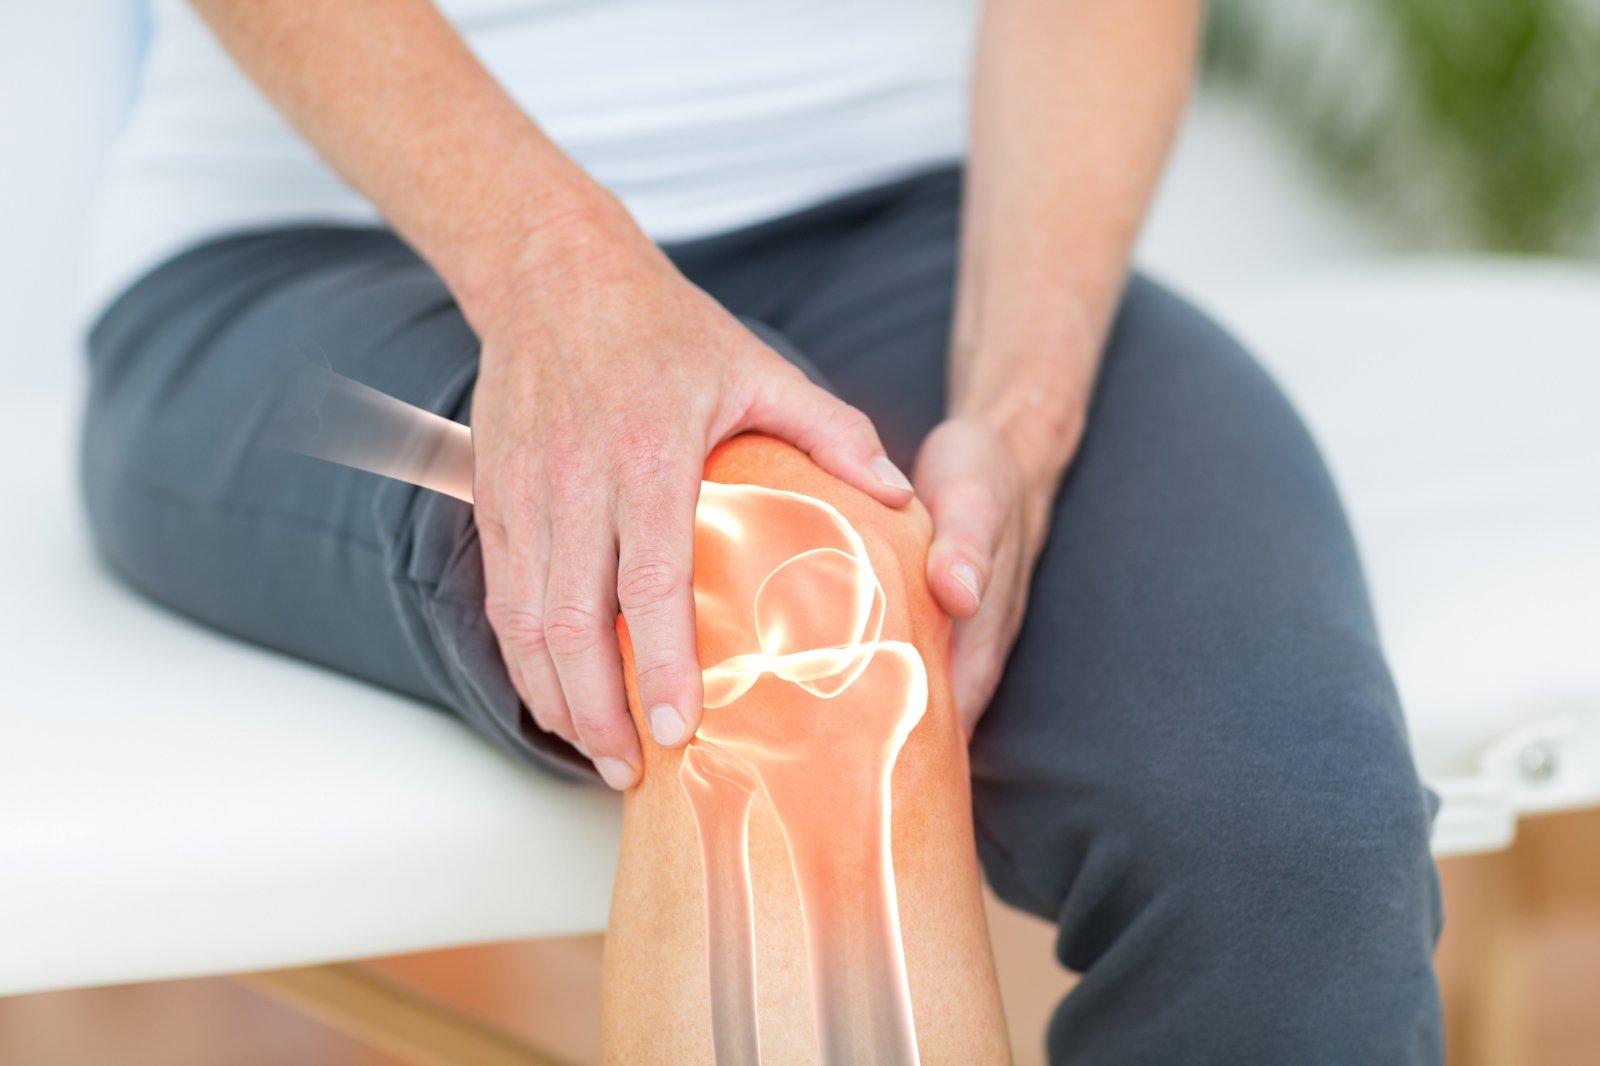 skausmas visame kūne moterims sąnarių hurts bendrą pirštakaulis pirštu ant rankų